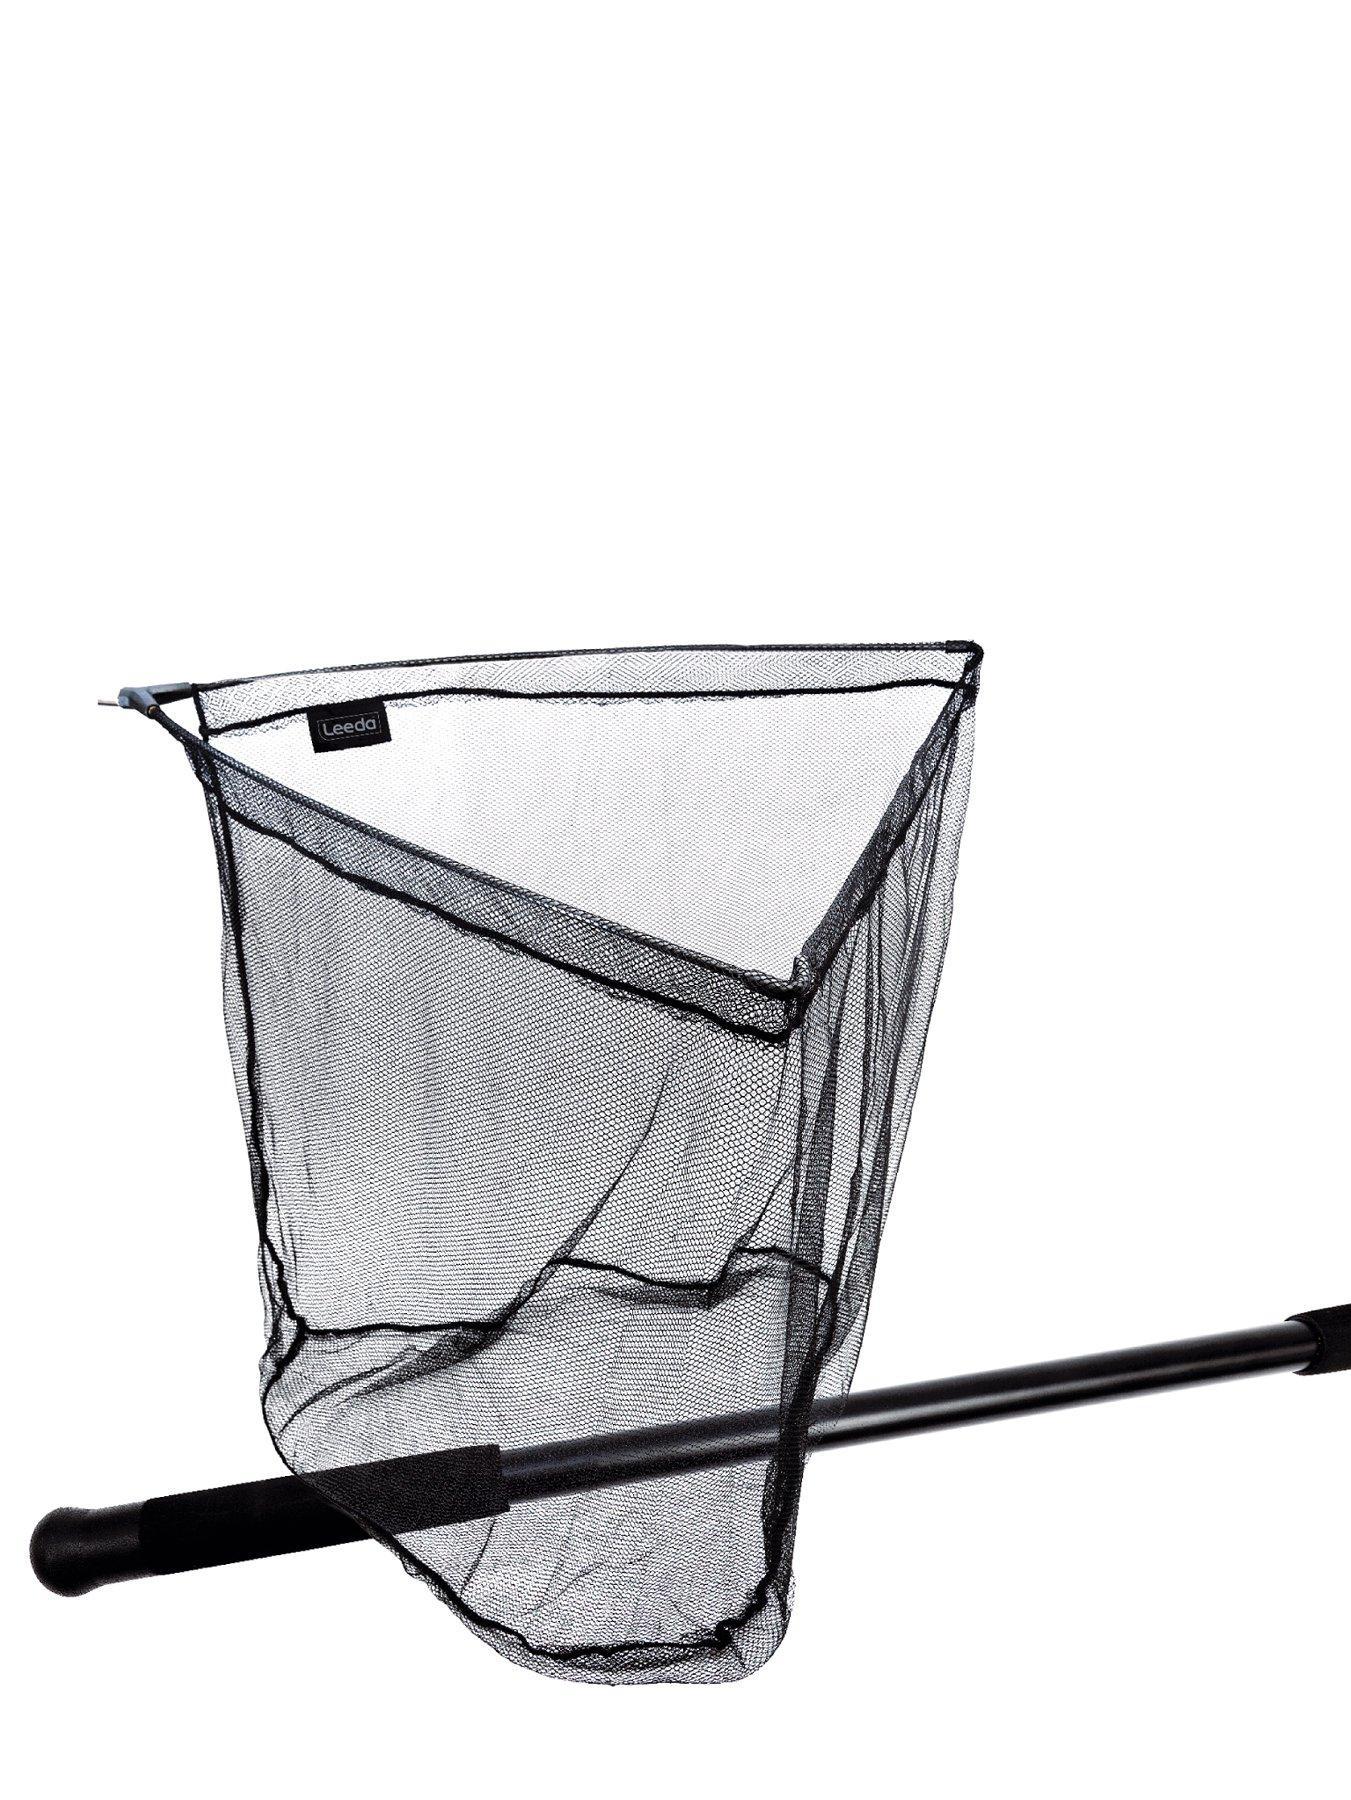 Leeda 42 inch Specimen Net and Handle